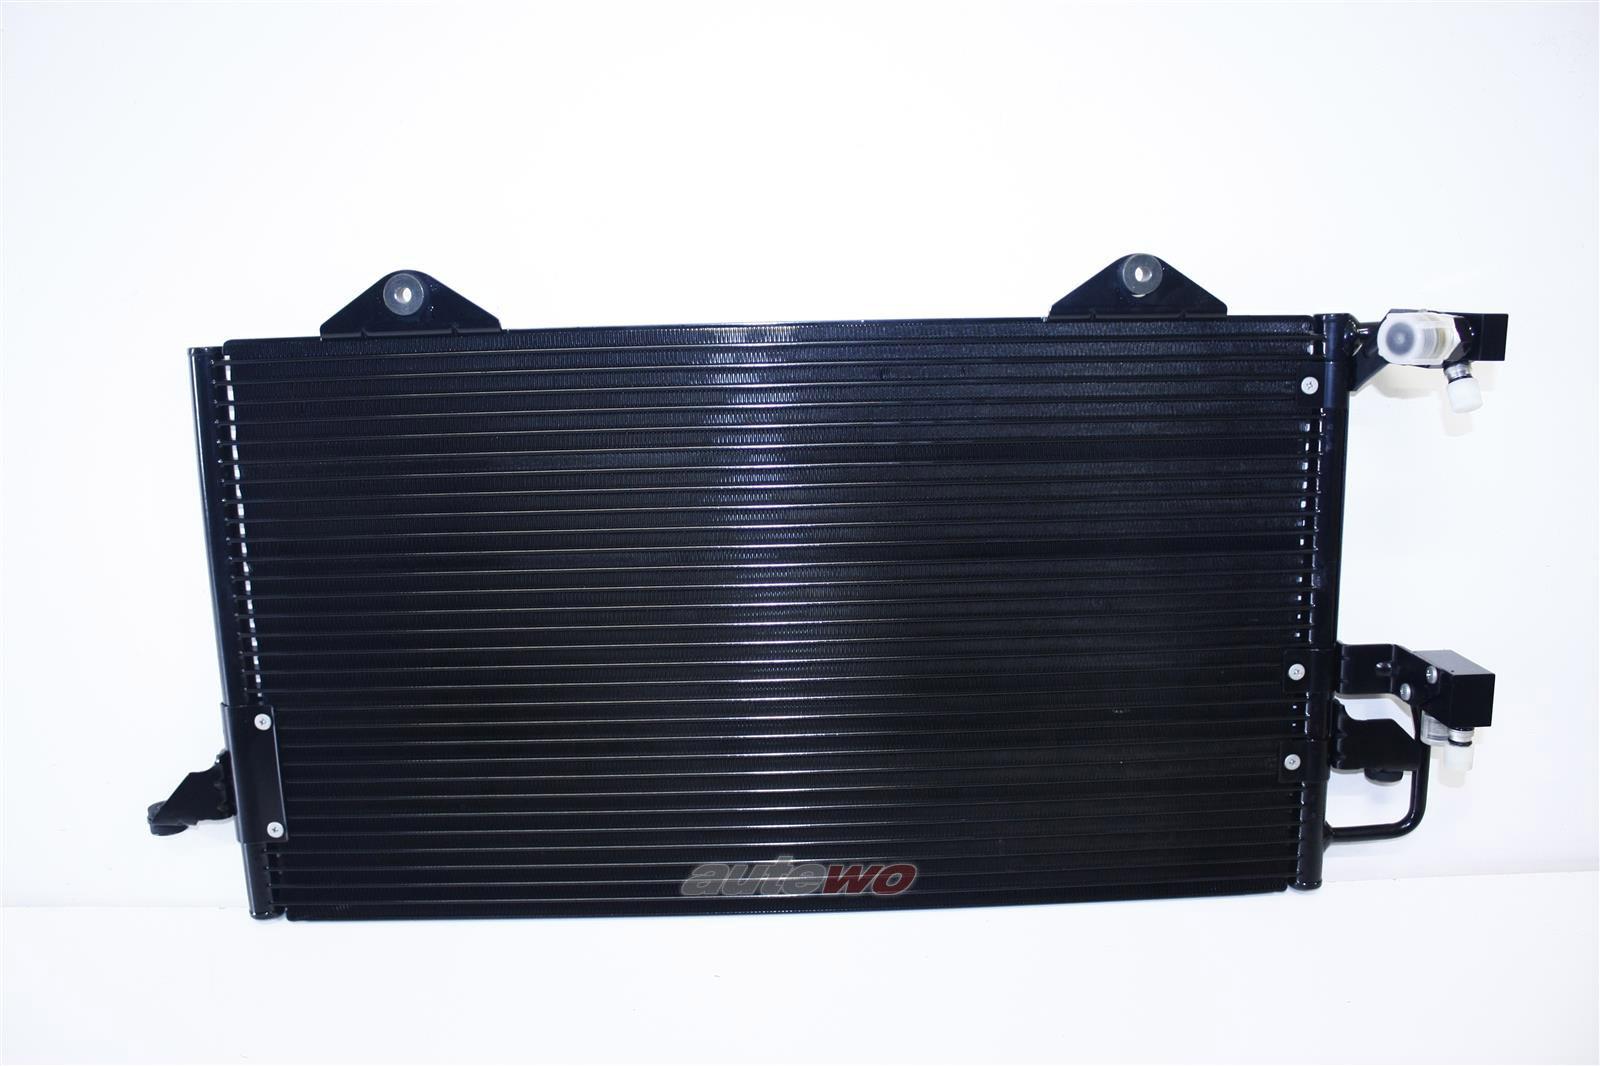 8A0260403E NEU Audi 80 B4 1.9l TDI 4 Zyl. Klimakondensator Kältemittel R12